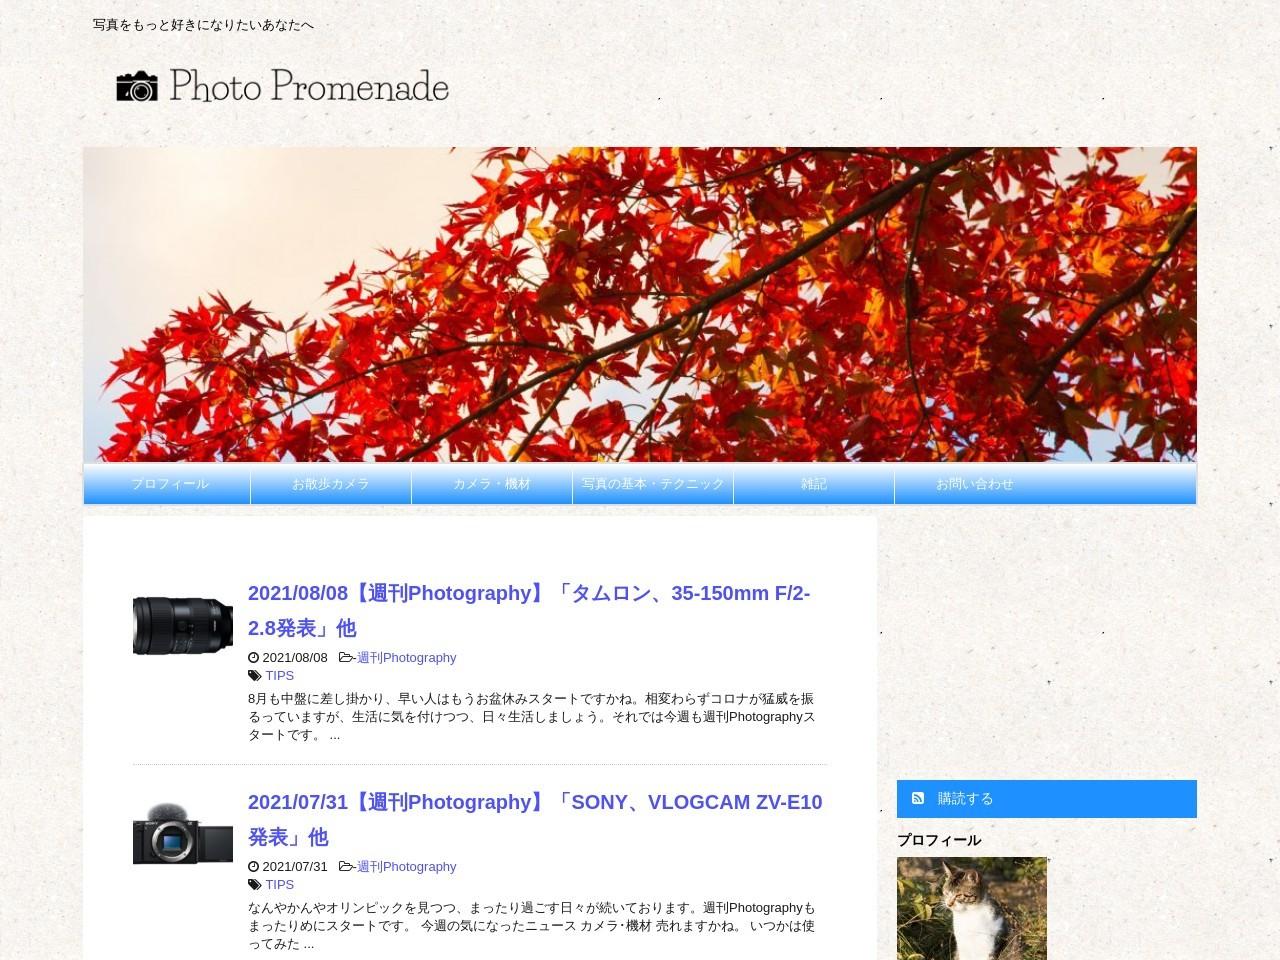 http://photo-promenade.com/camera-magazines/